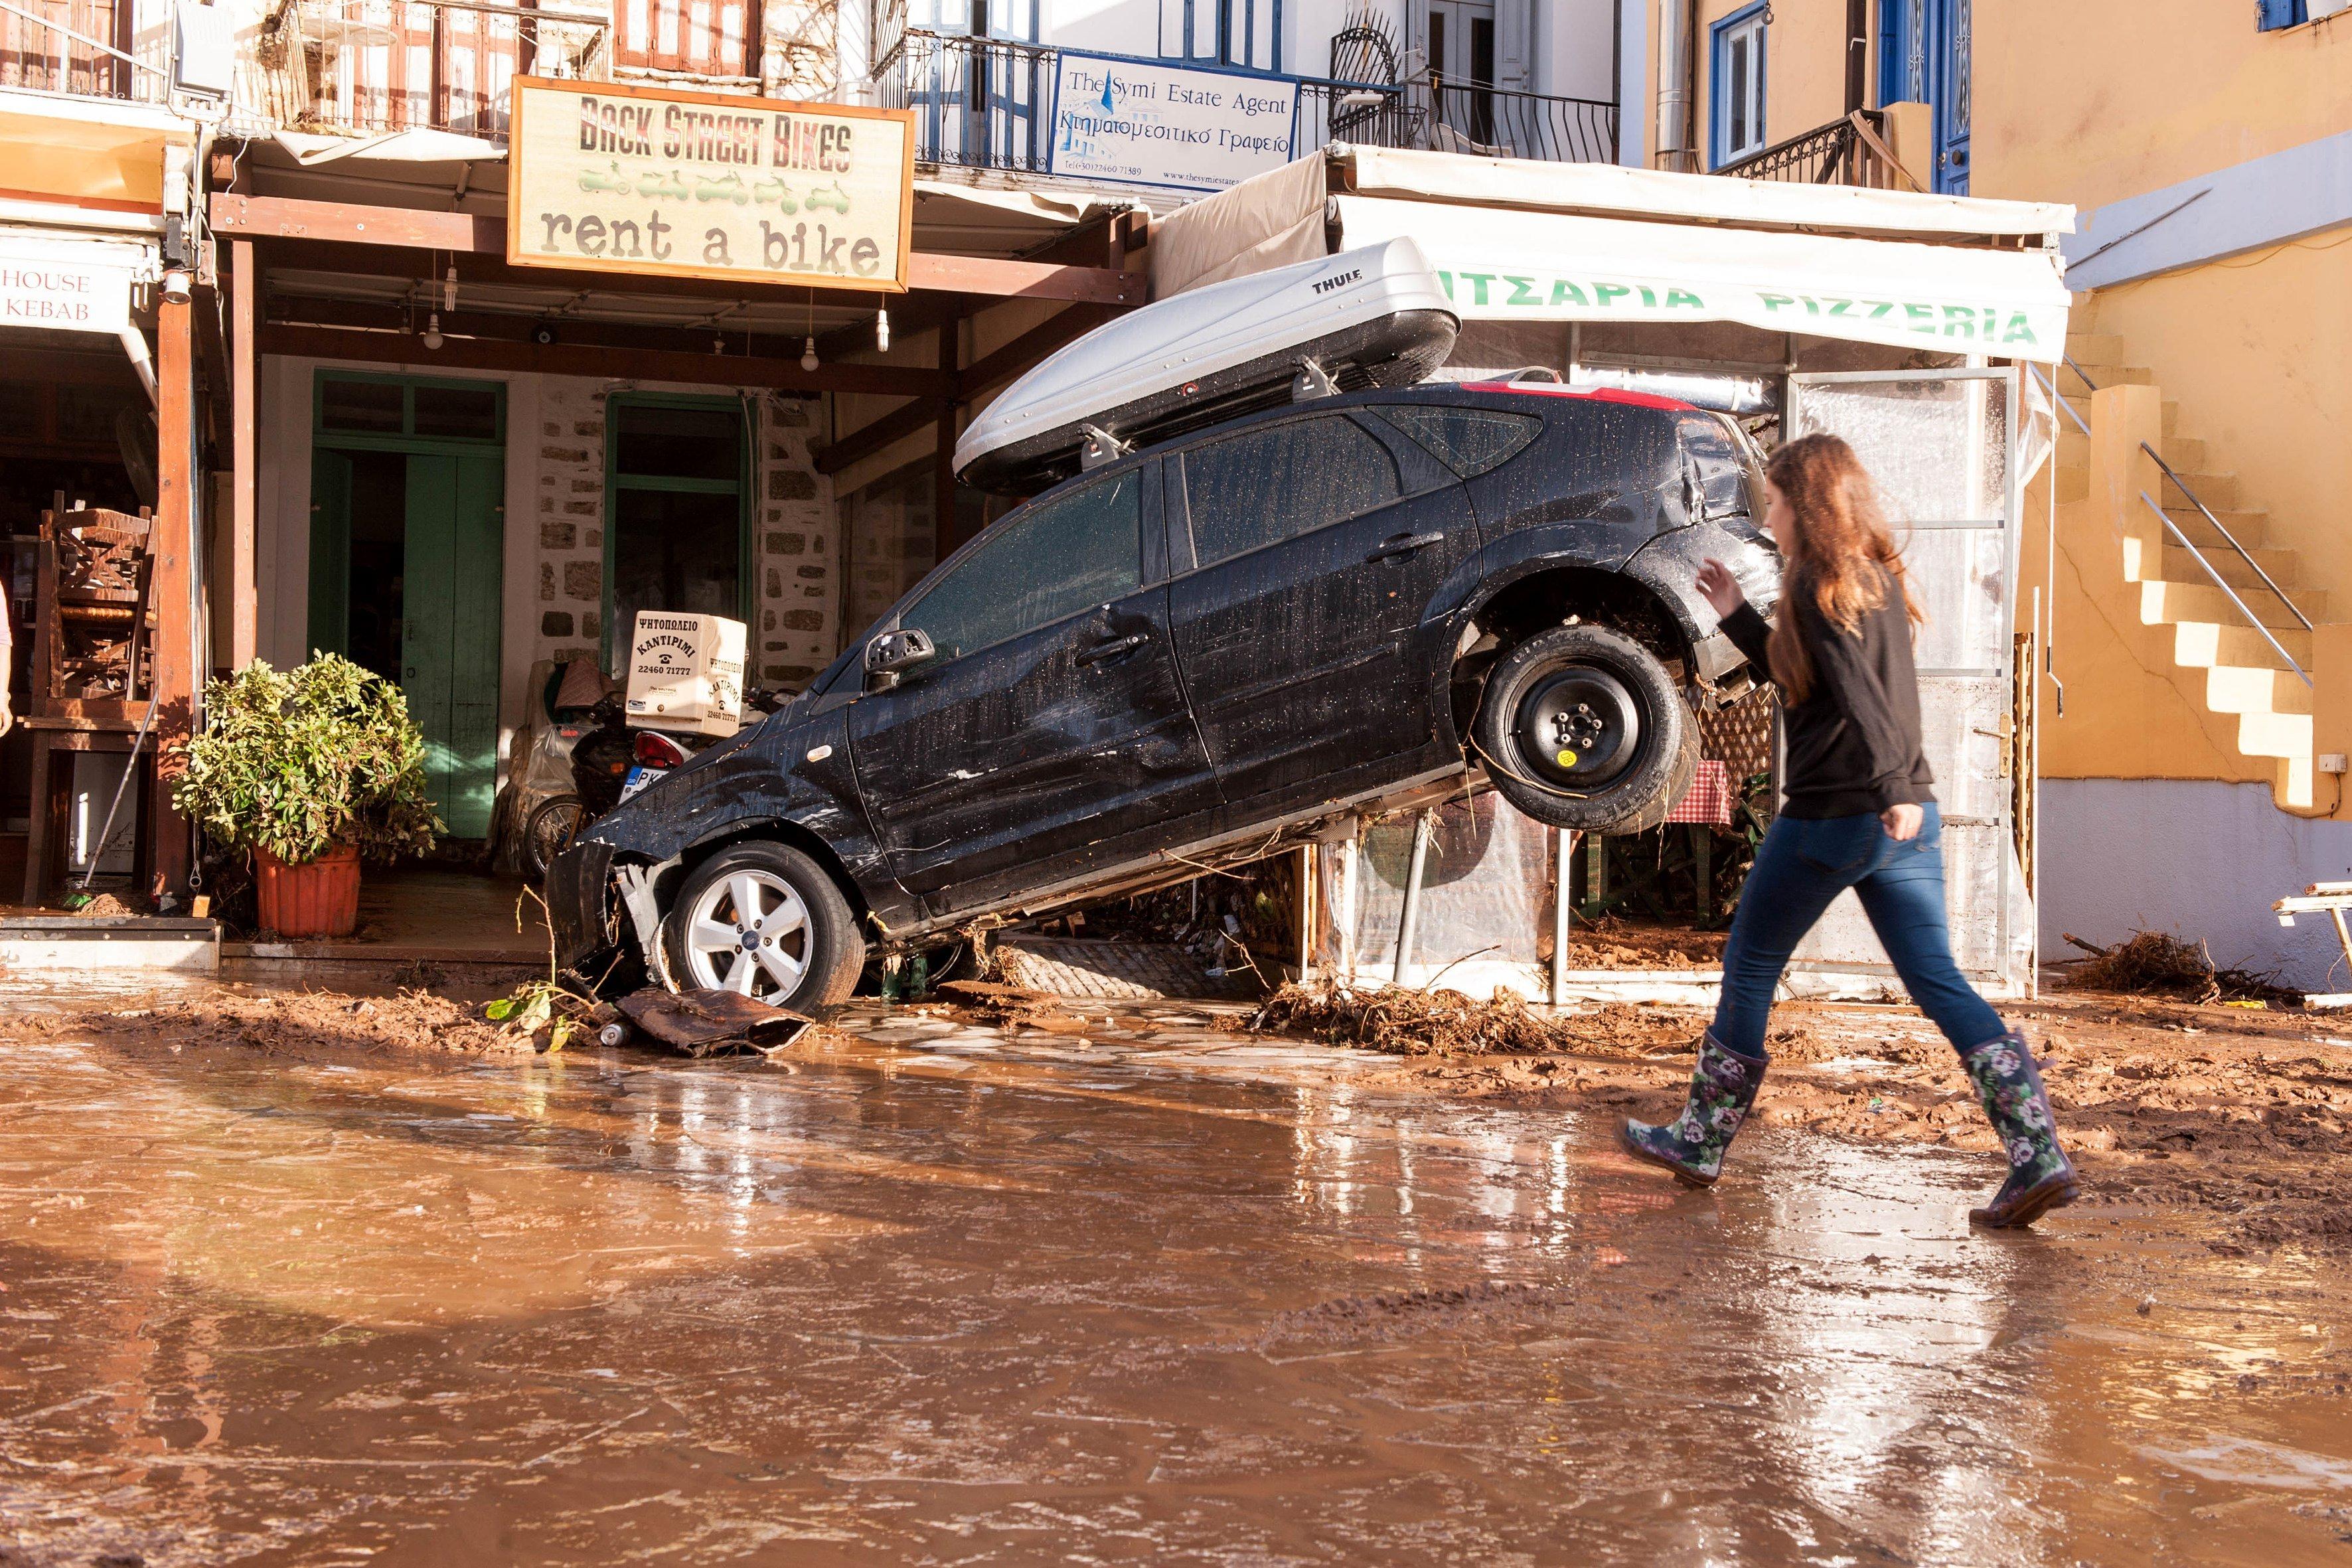 L'illa de Symi, a Grècia, es troba en estat d'emergència i sense electricitat després de les fortes pluges torrencials que van inundar la totalitat del territori aquest dilluns. /LEFTERIS DAMIANIDIS